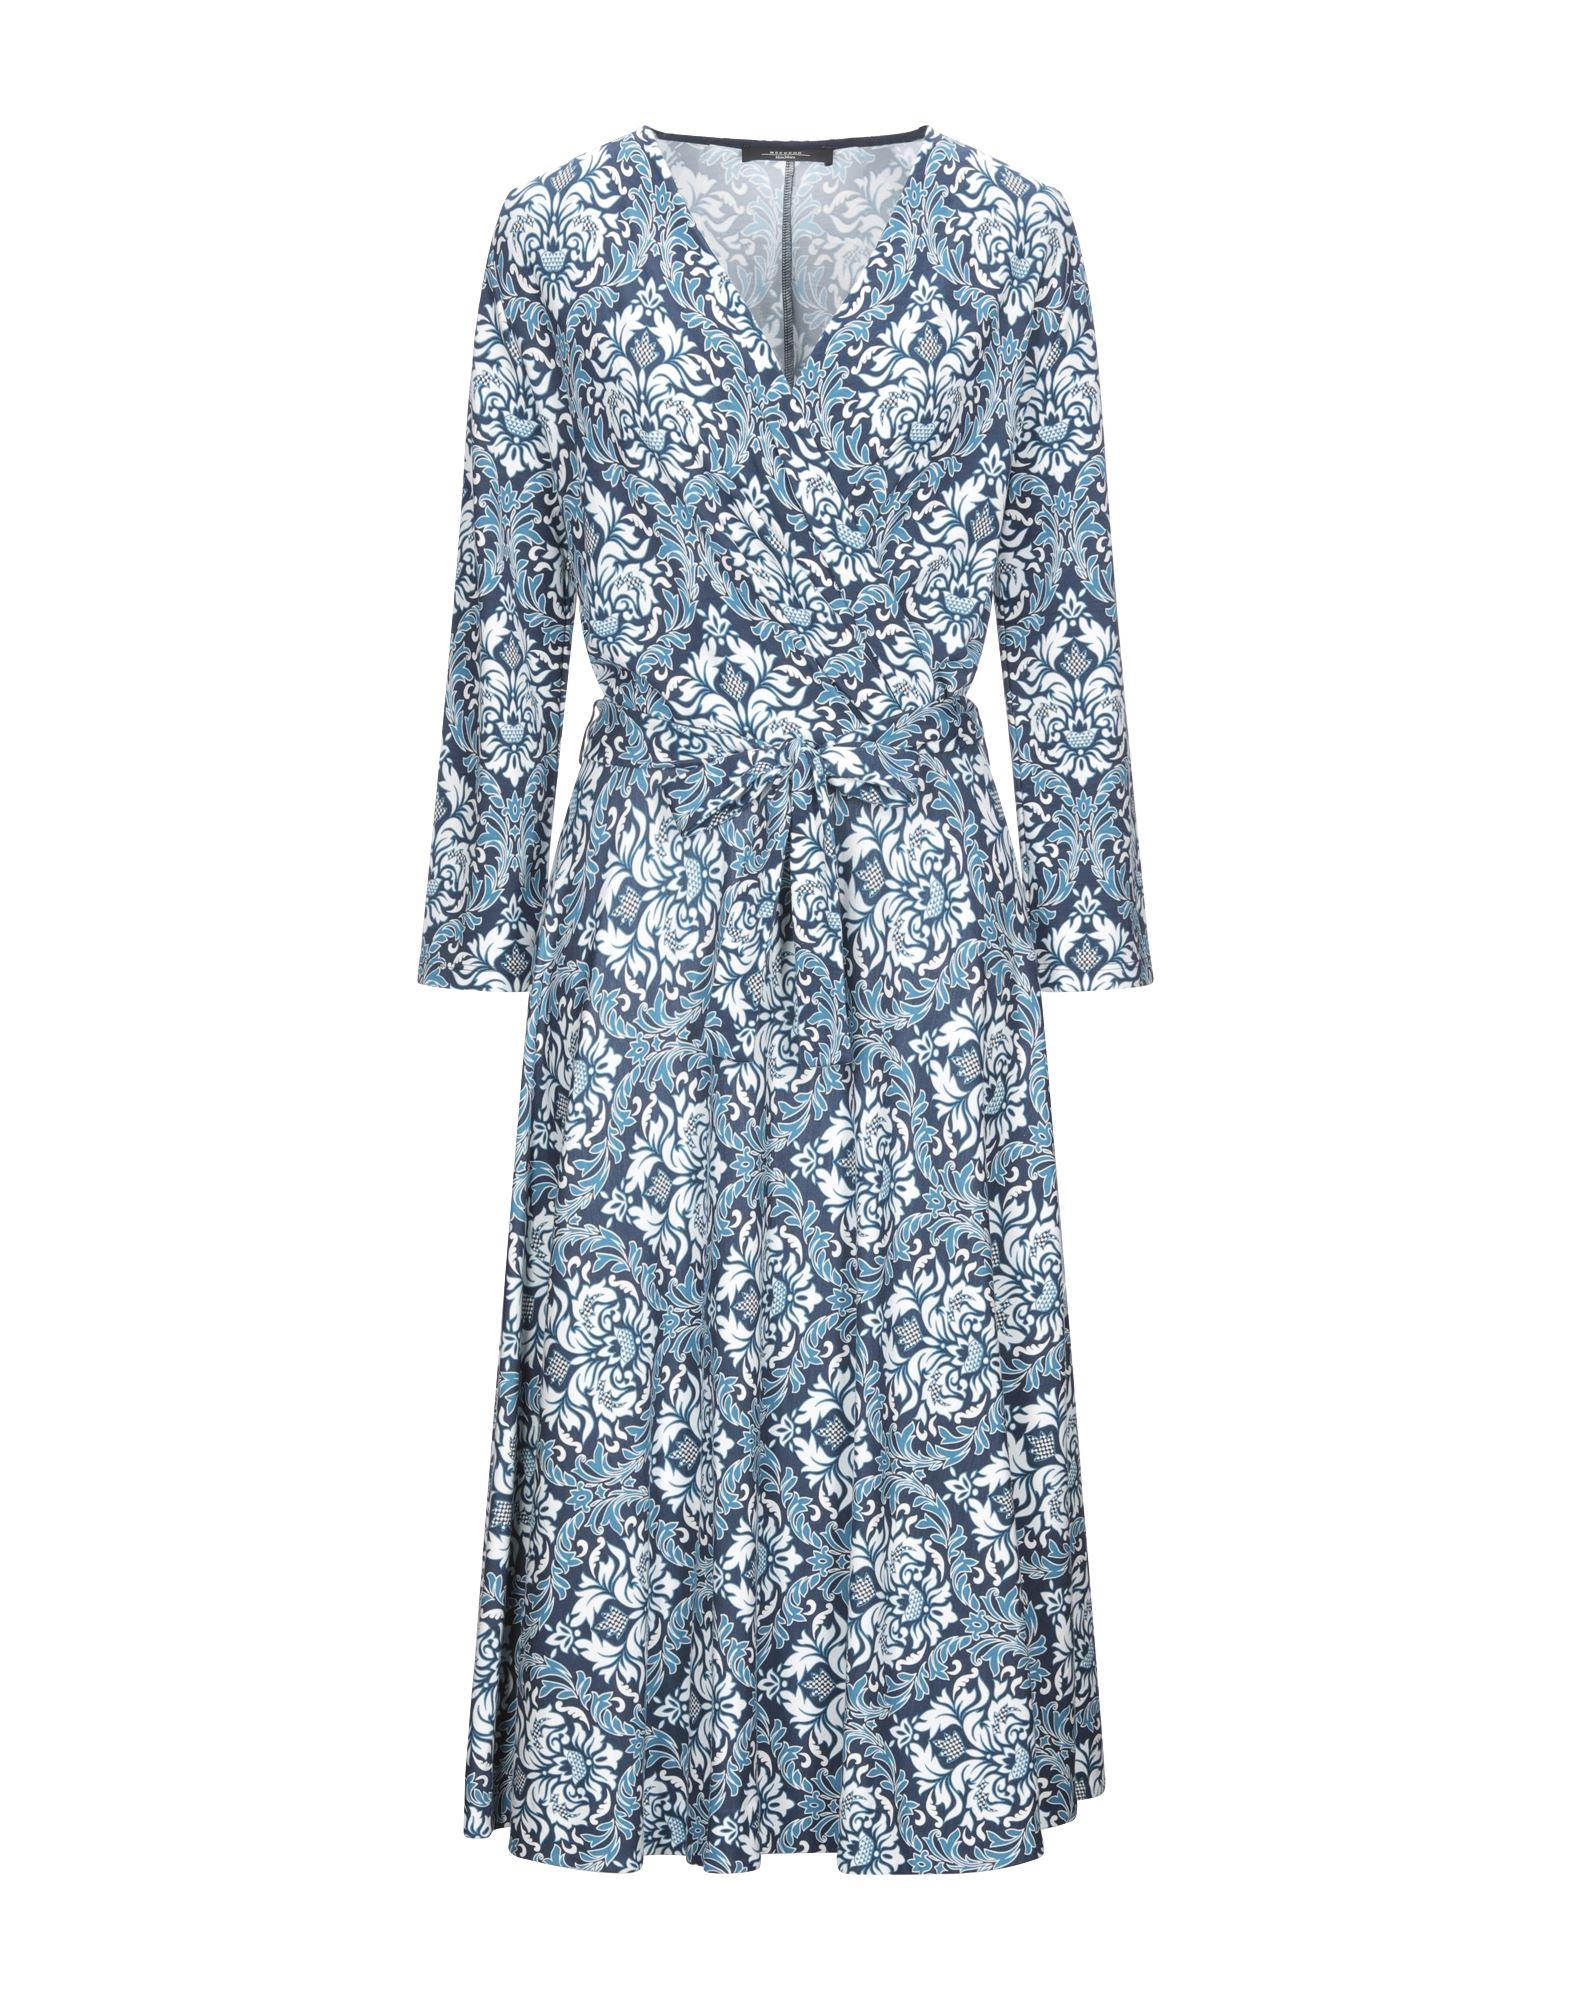 WEEKEND MAX MARA Платье длиной 3/4